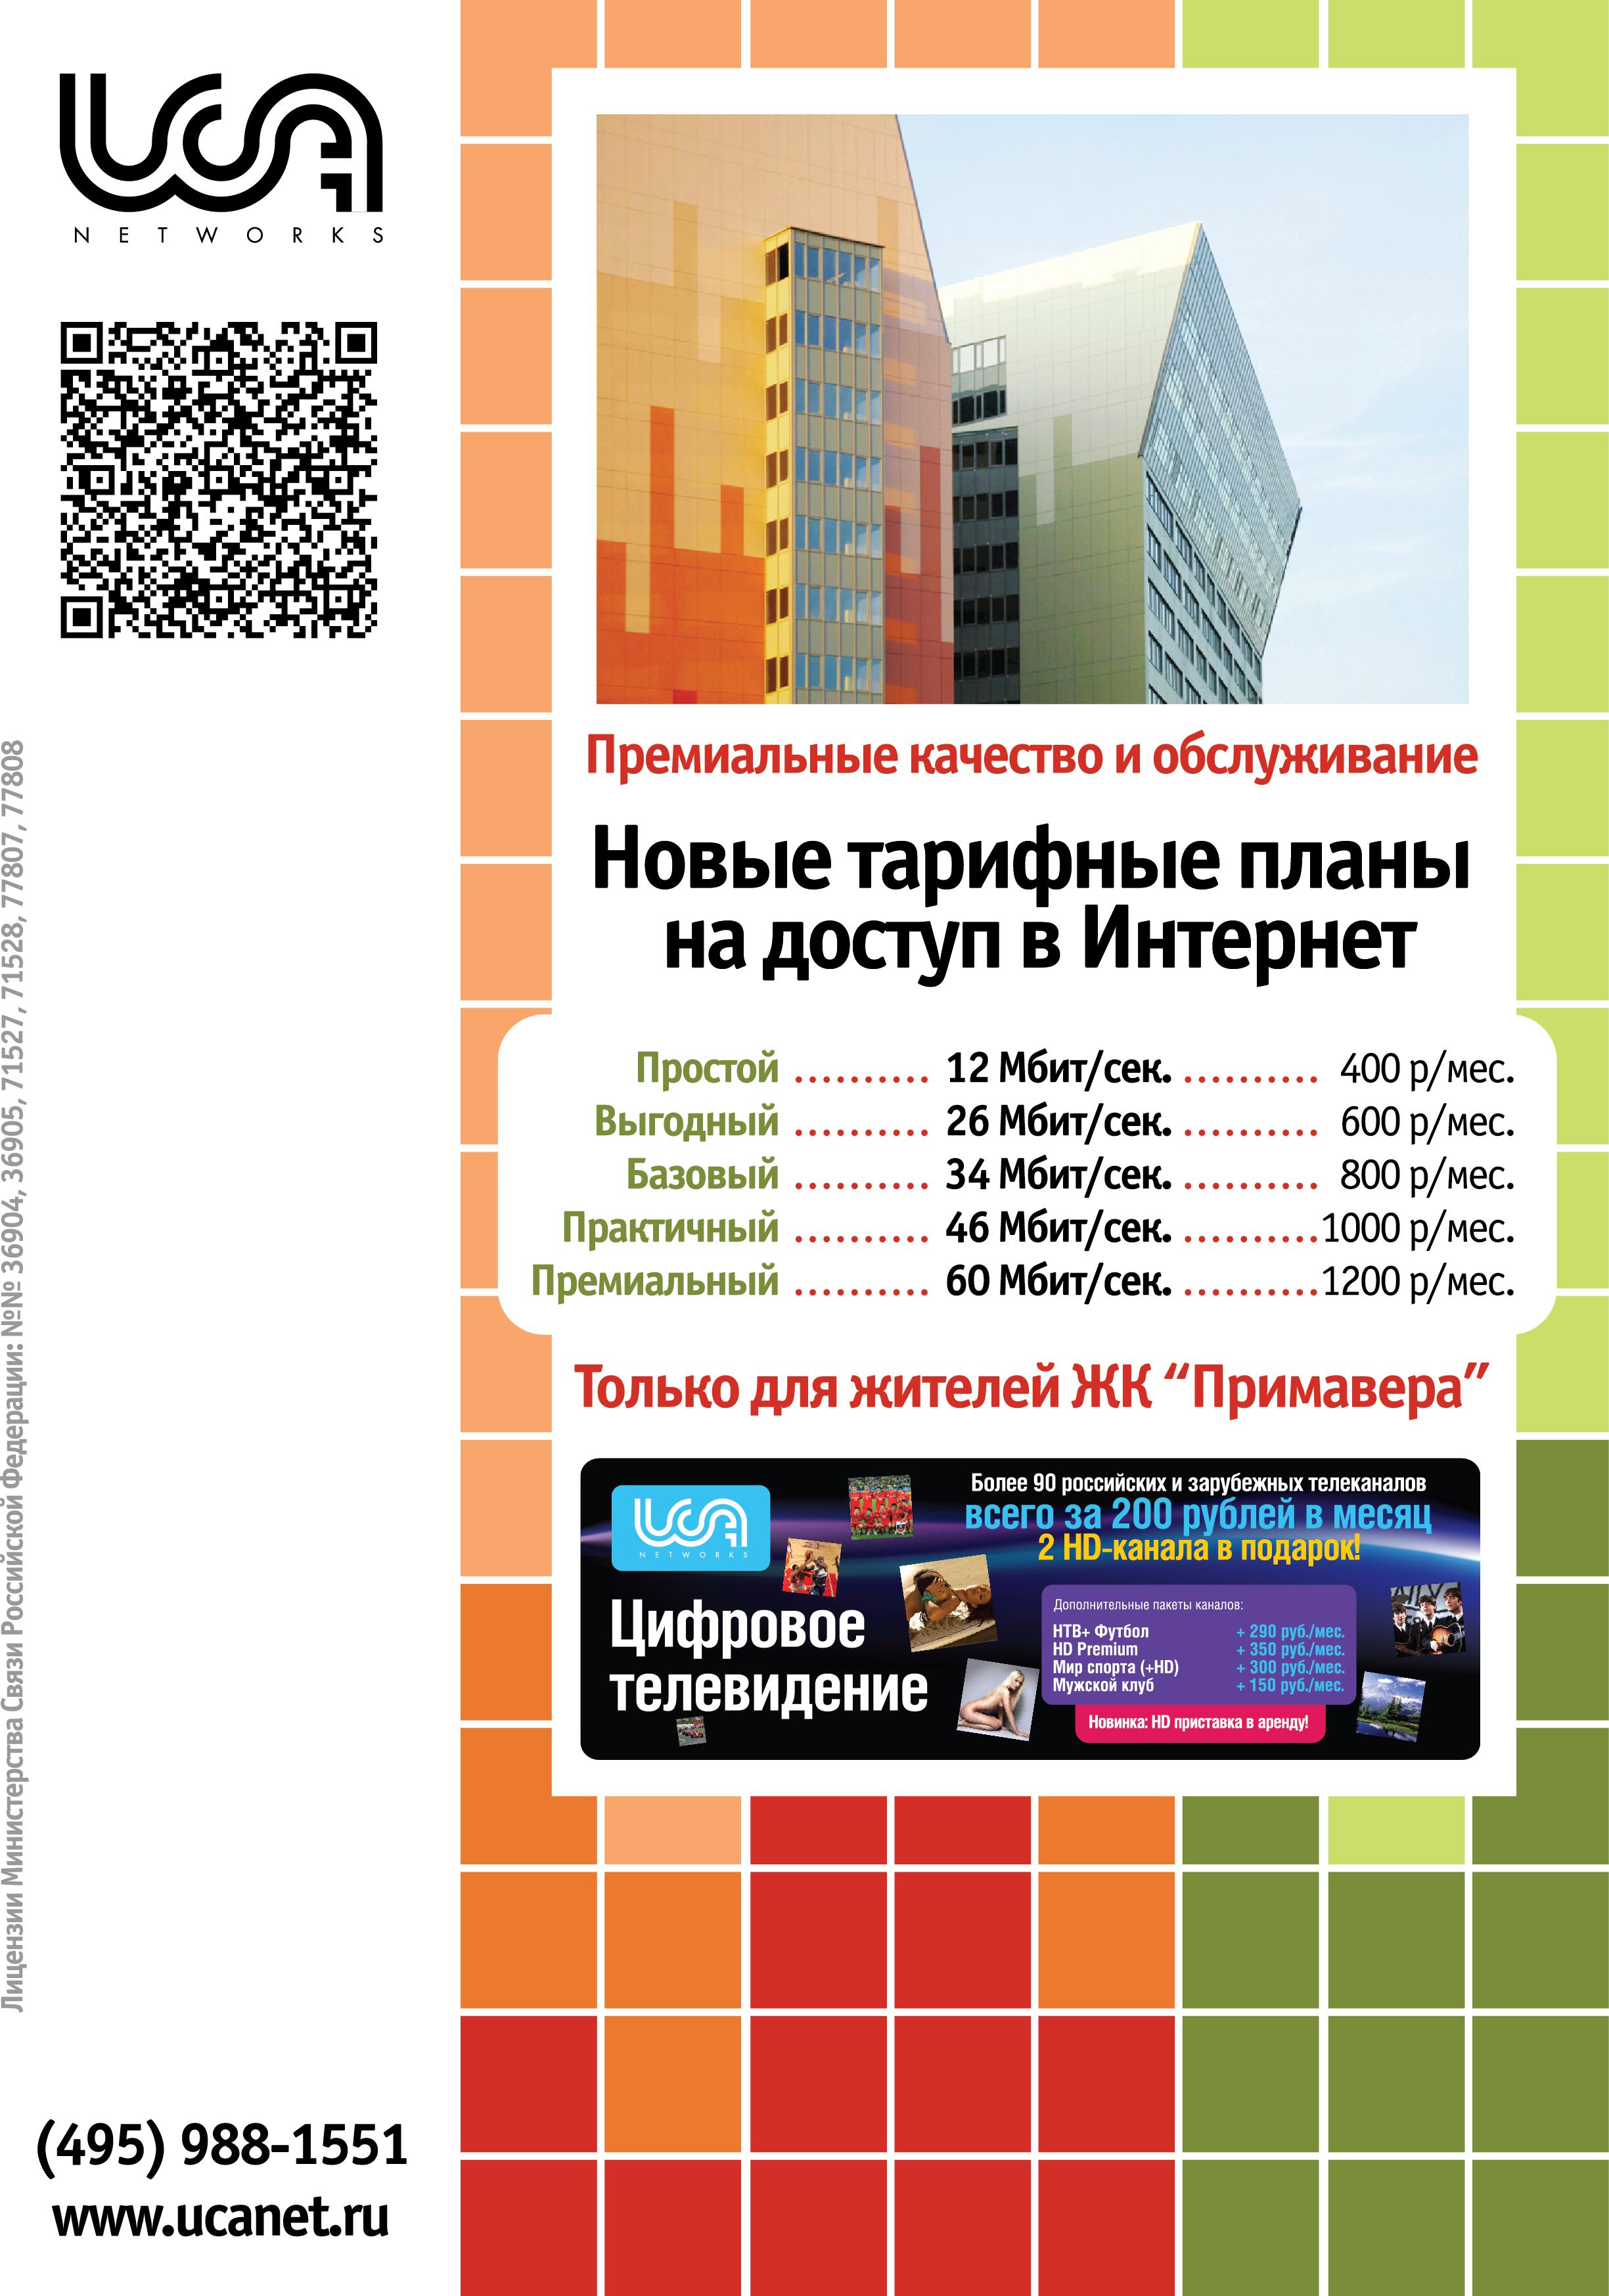 Статья на тему реклама в интернете создание структуры сайта своей организации